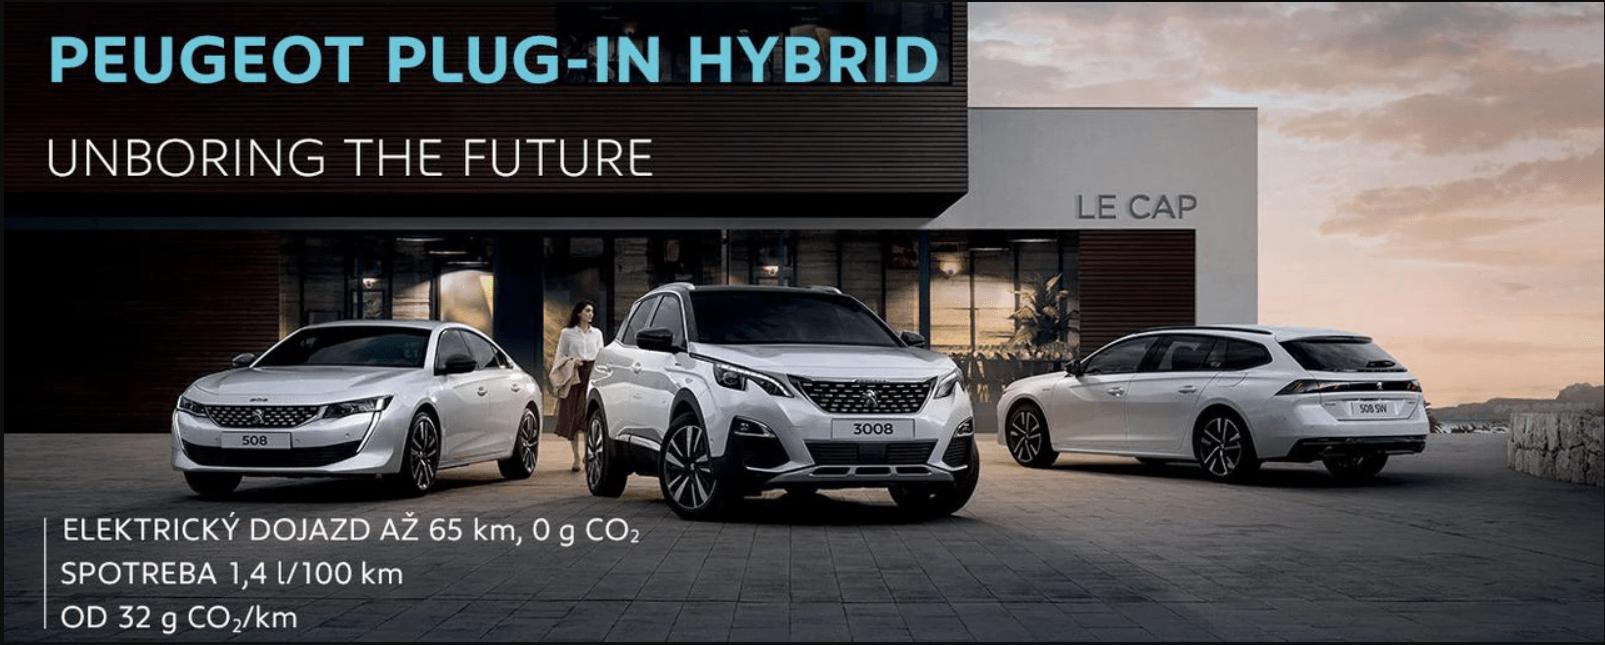 Peugeot_plug-in_hybrid